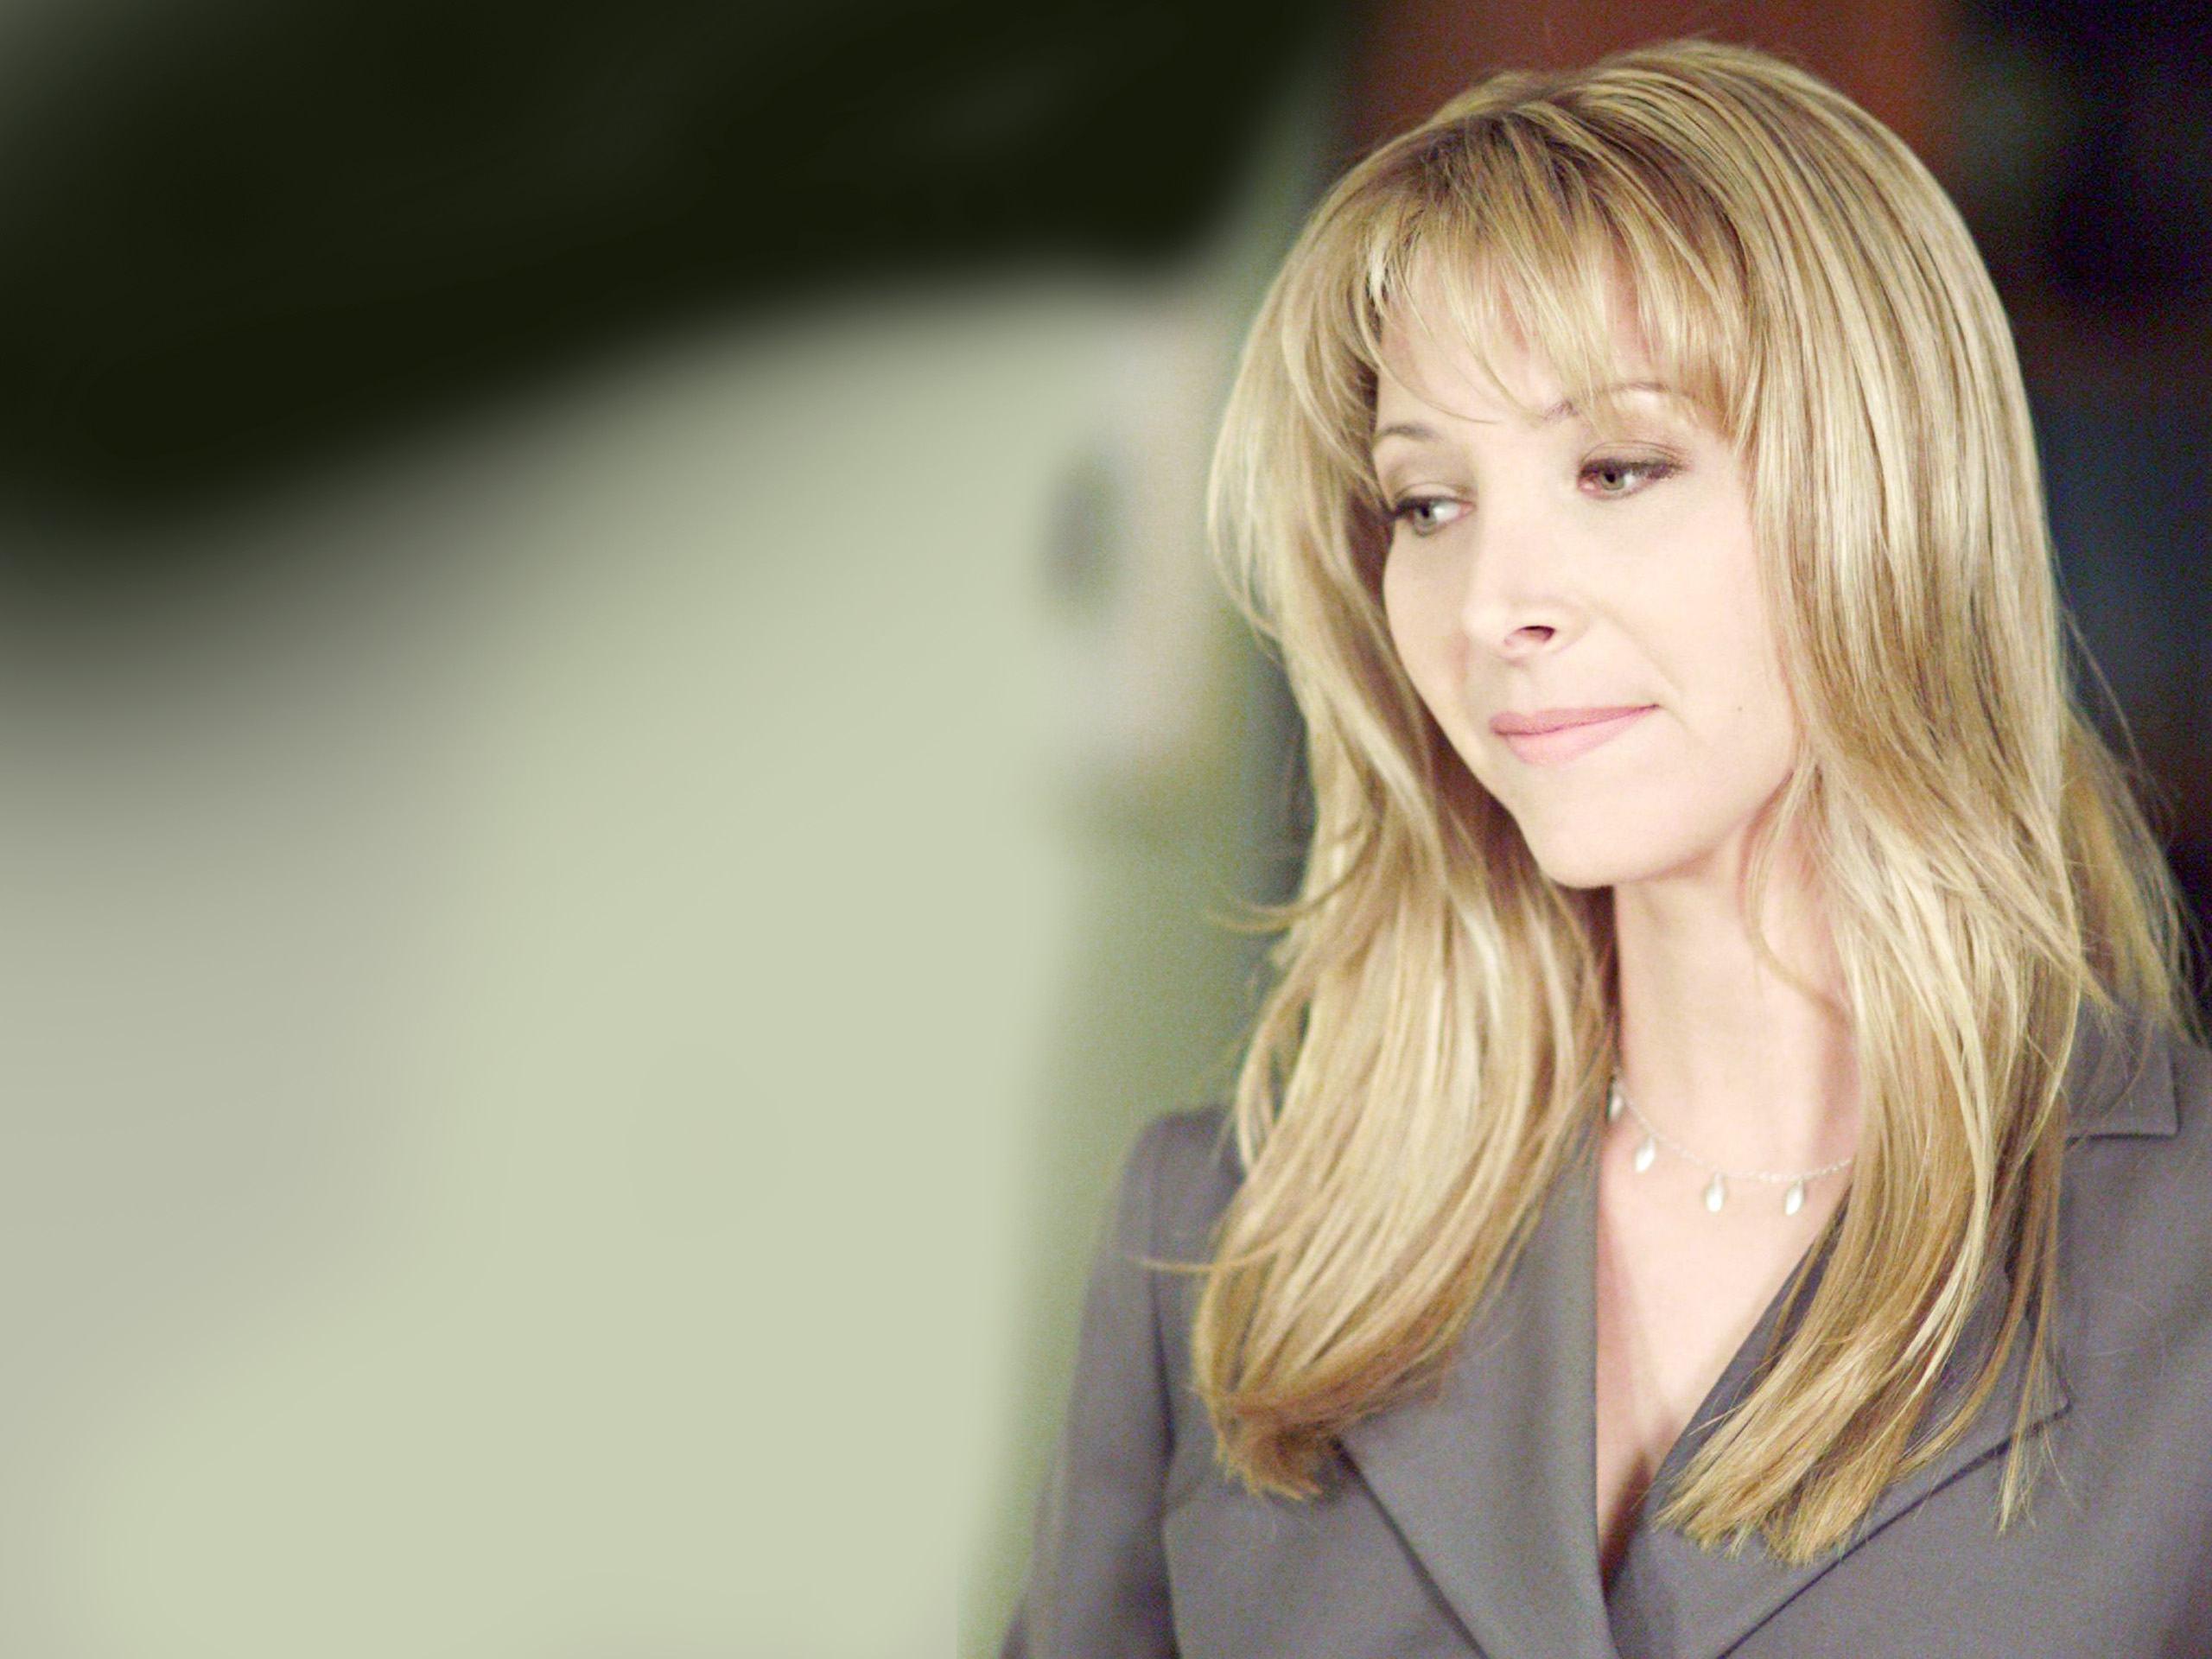 Lisa kudrow actress photos